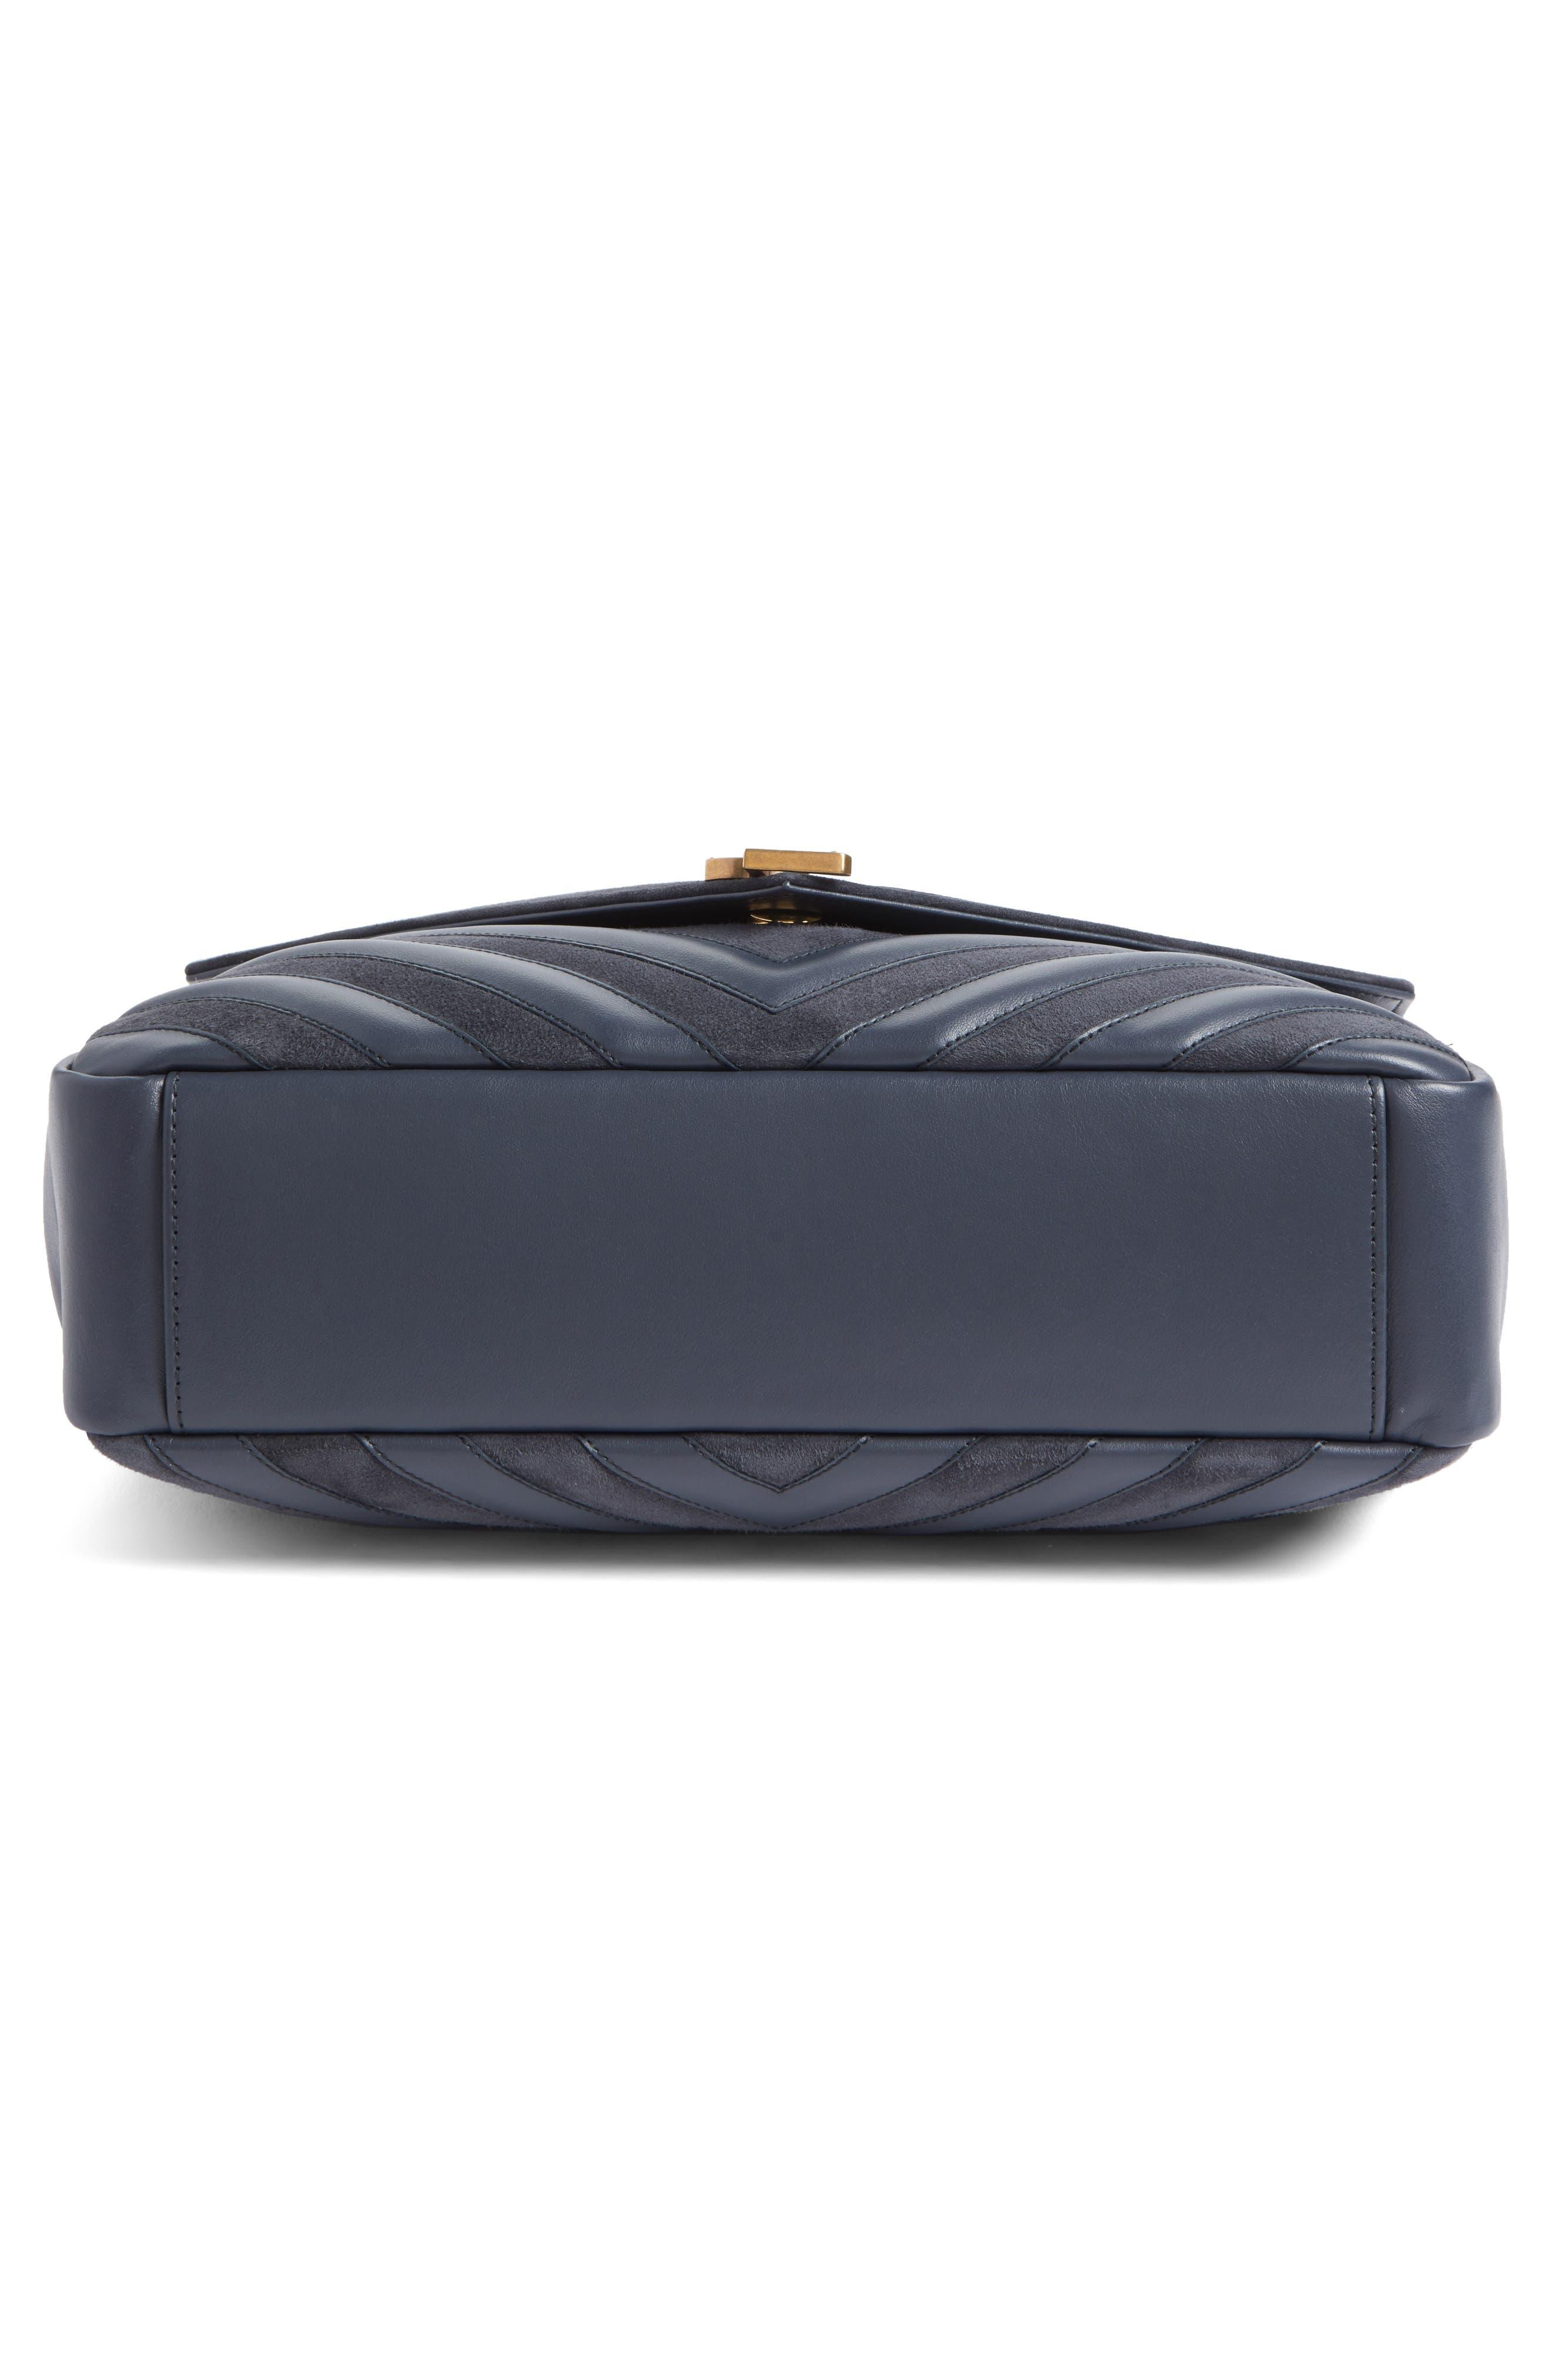 Medium College Patchwork Suede & Leather Shoulder Bag,                             Alternate thumbnail 6, color,                             020